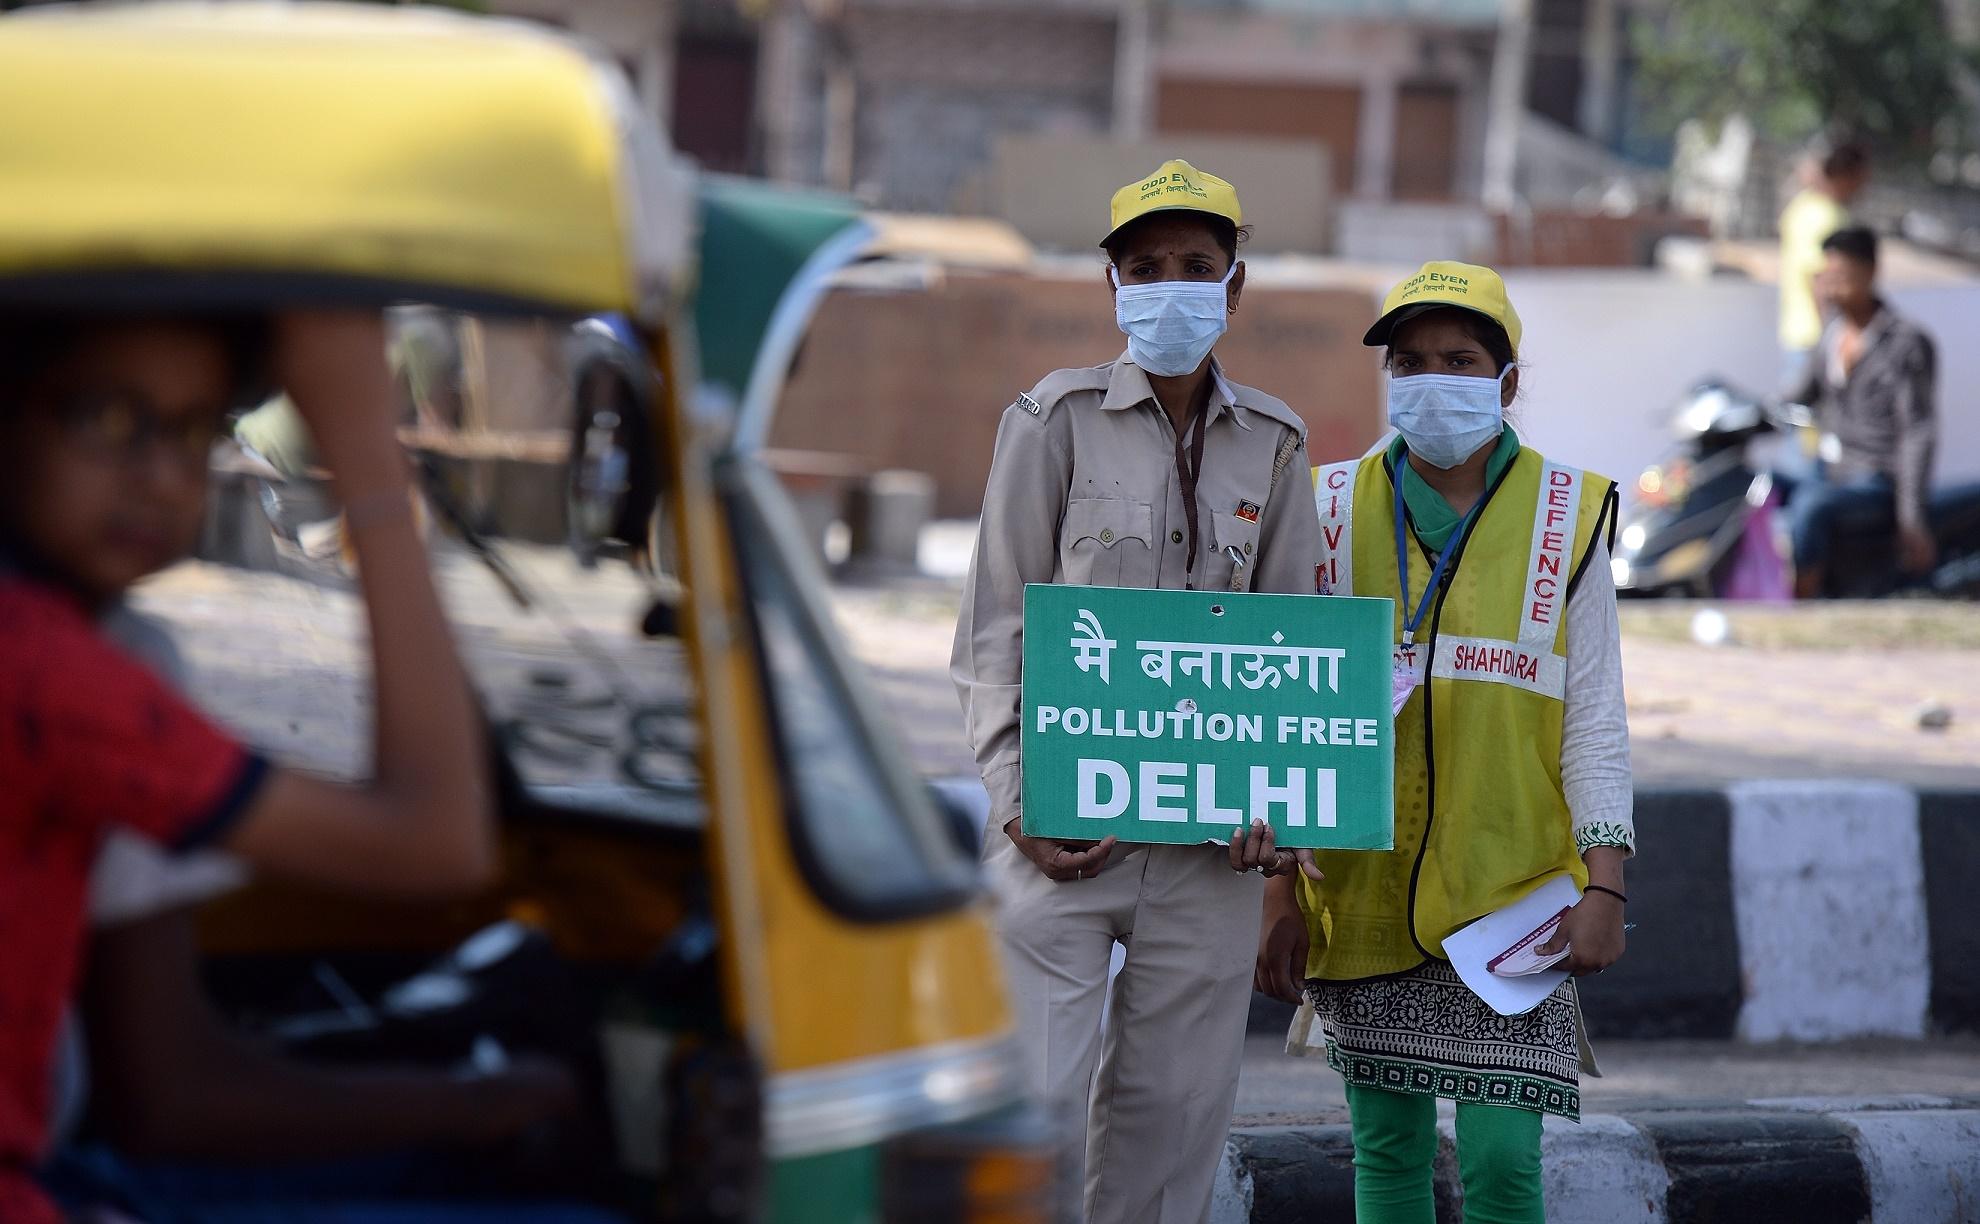 Manifestantes protestam contra a poluição em Nova Délhi, na Índia, uma das cidades mais poluídas do mundo